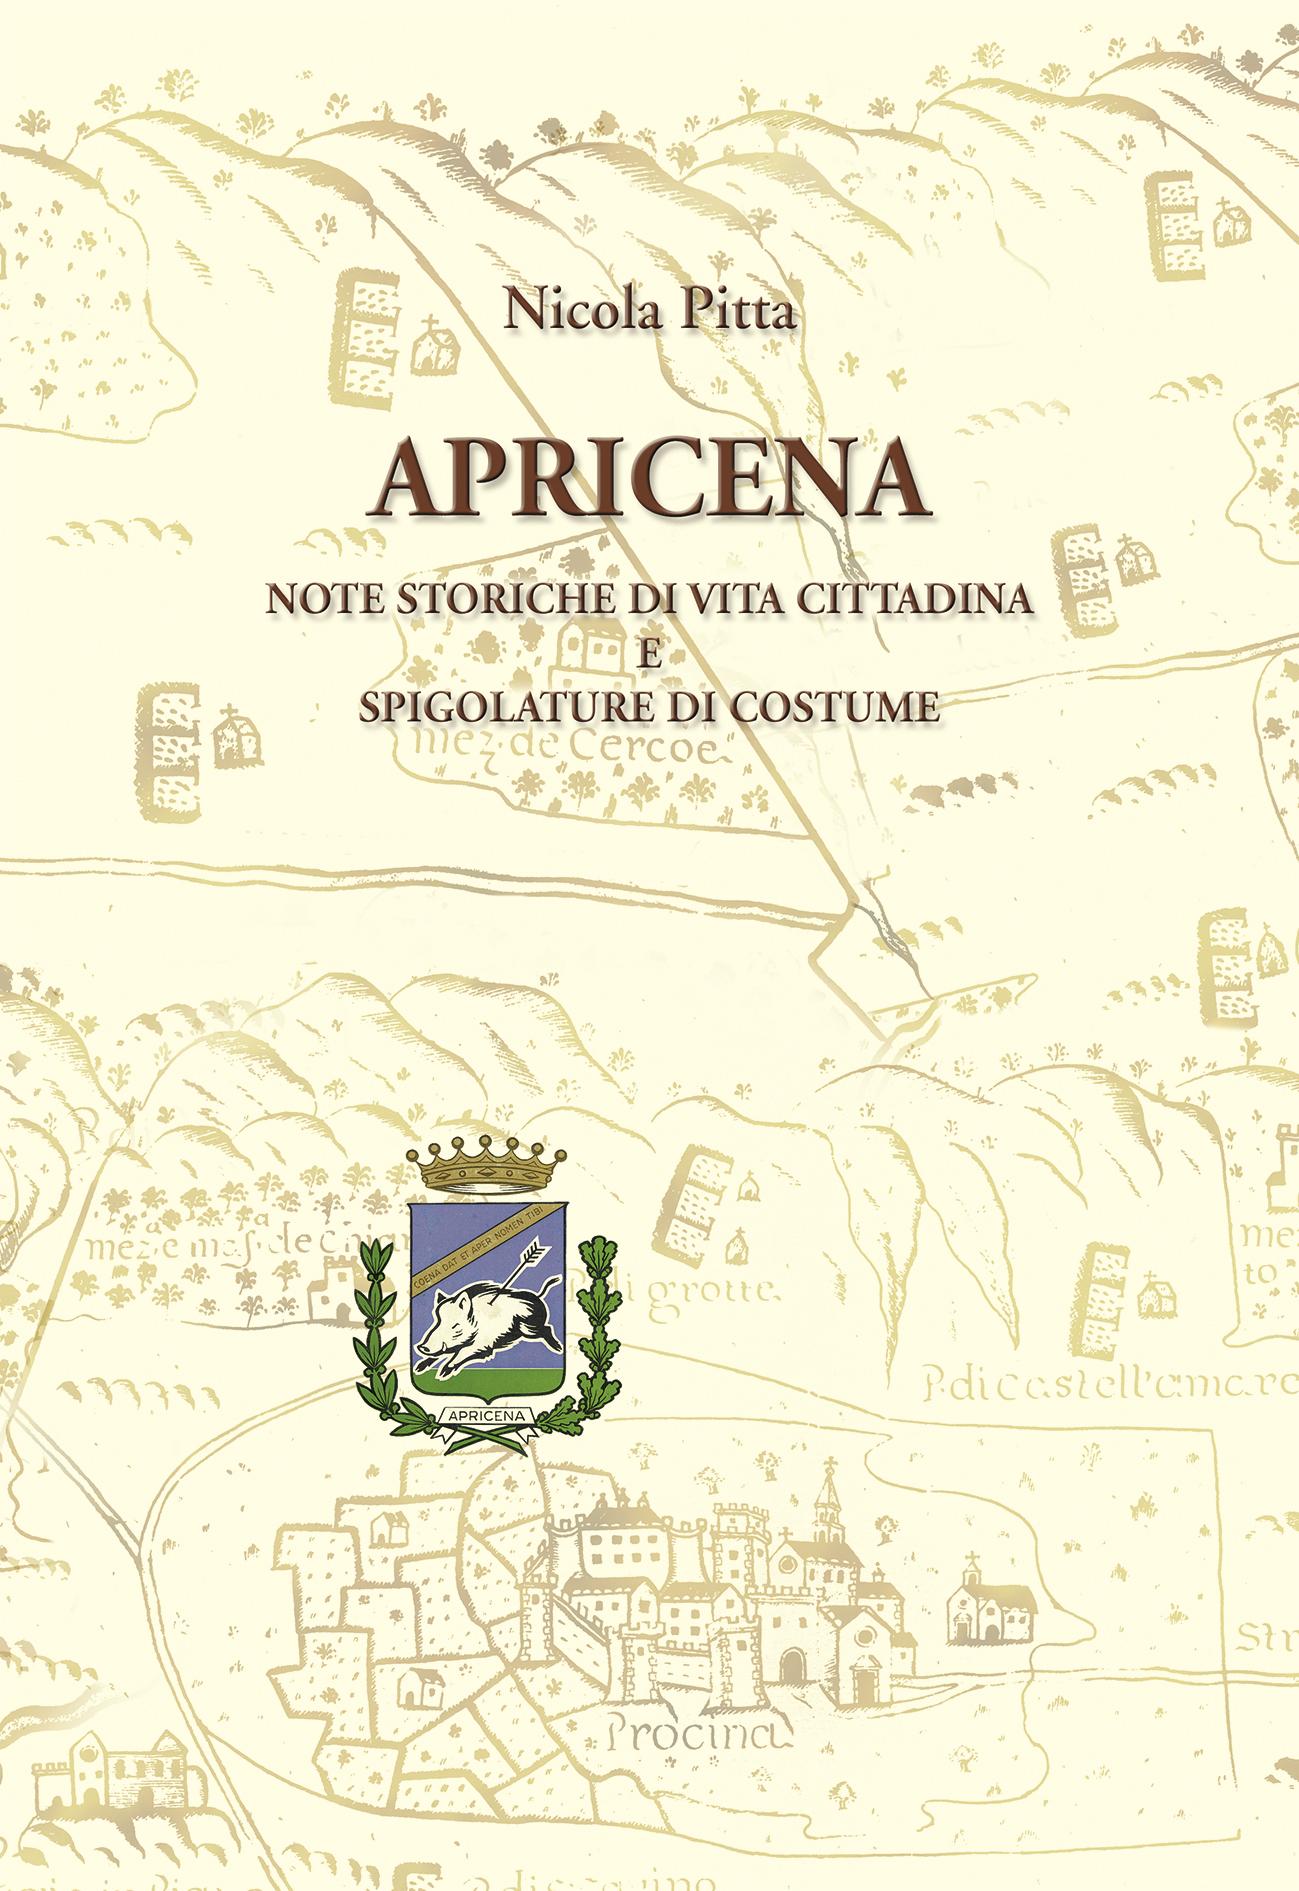 APRICENA - Note storiche di vita cittadina e spigolature di costume